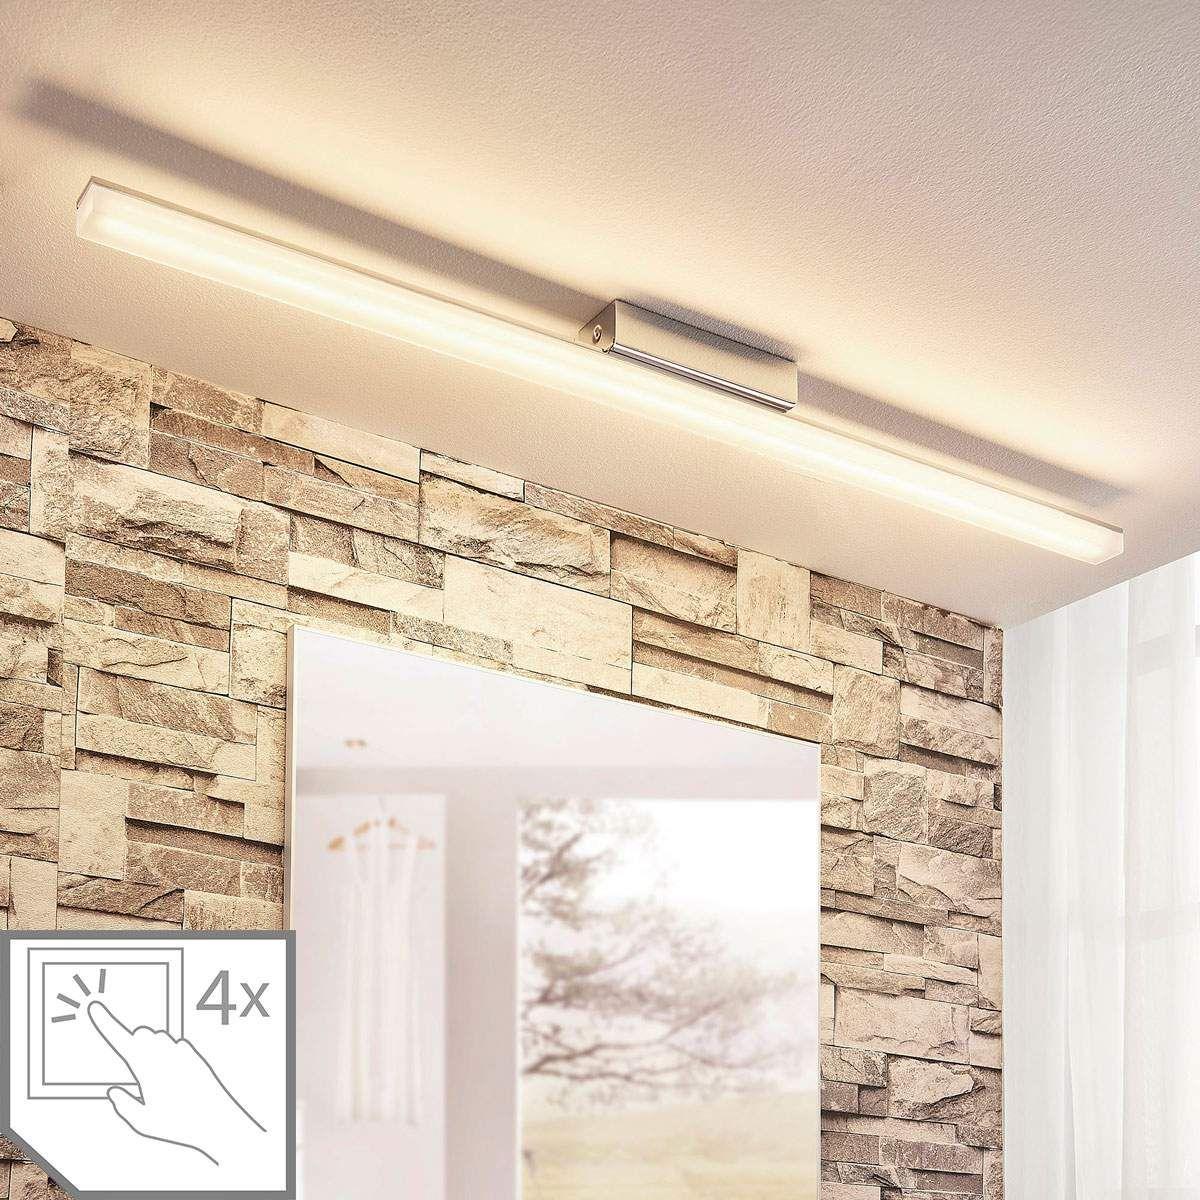 Levke Led Deckenleuchte Furs Badezimmer Mit Bildern Led Deckenleuchte Deckenlampe Led Deckenleuchte Dimmbar